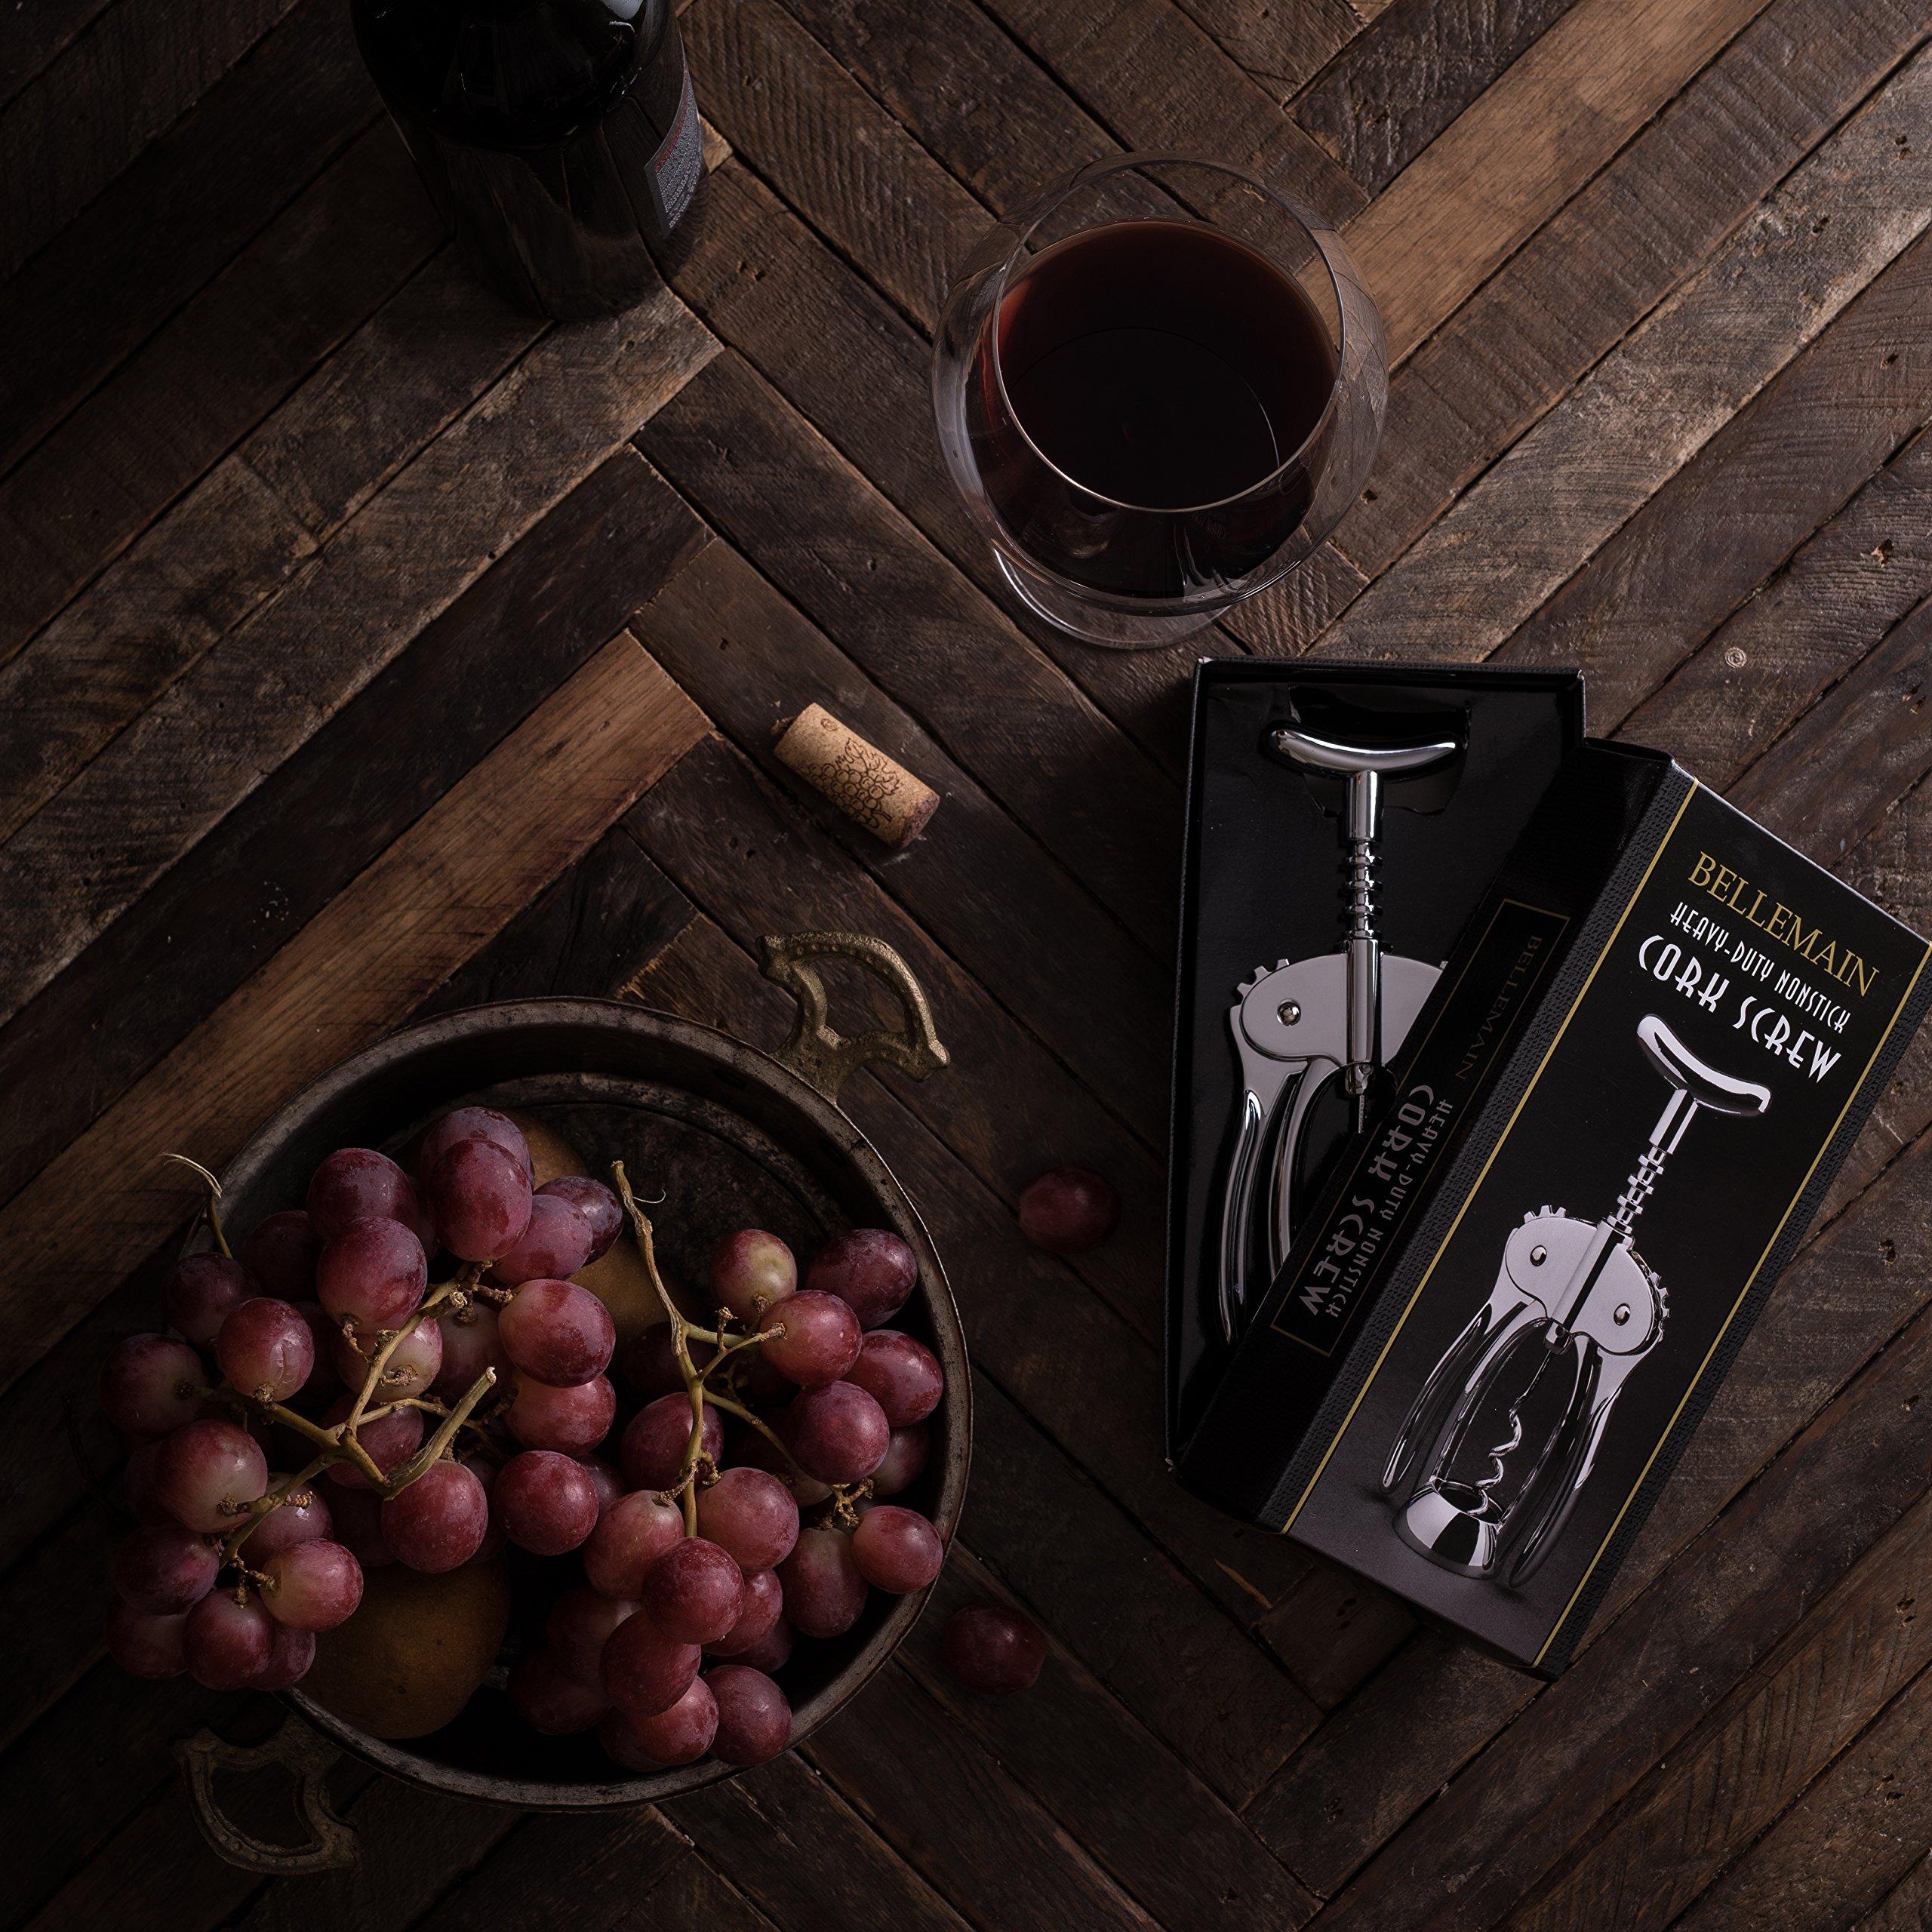 Bellemain Premium Wing Corkscrew Wine Opener Heavy-duty nonstick by Bellemain (Image #5)